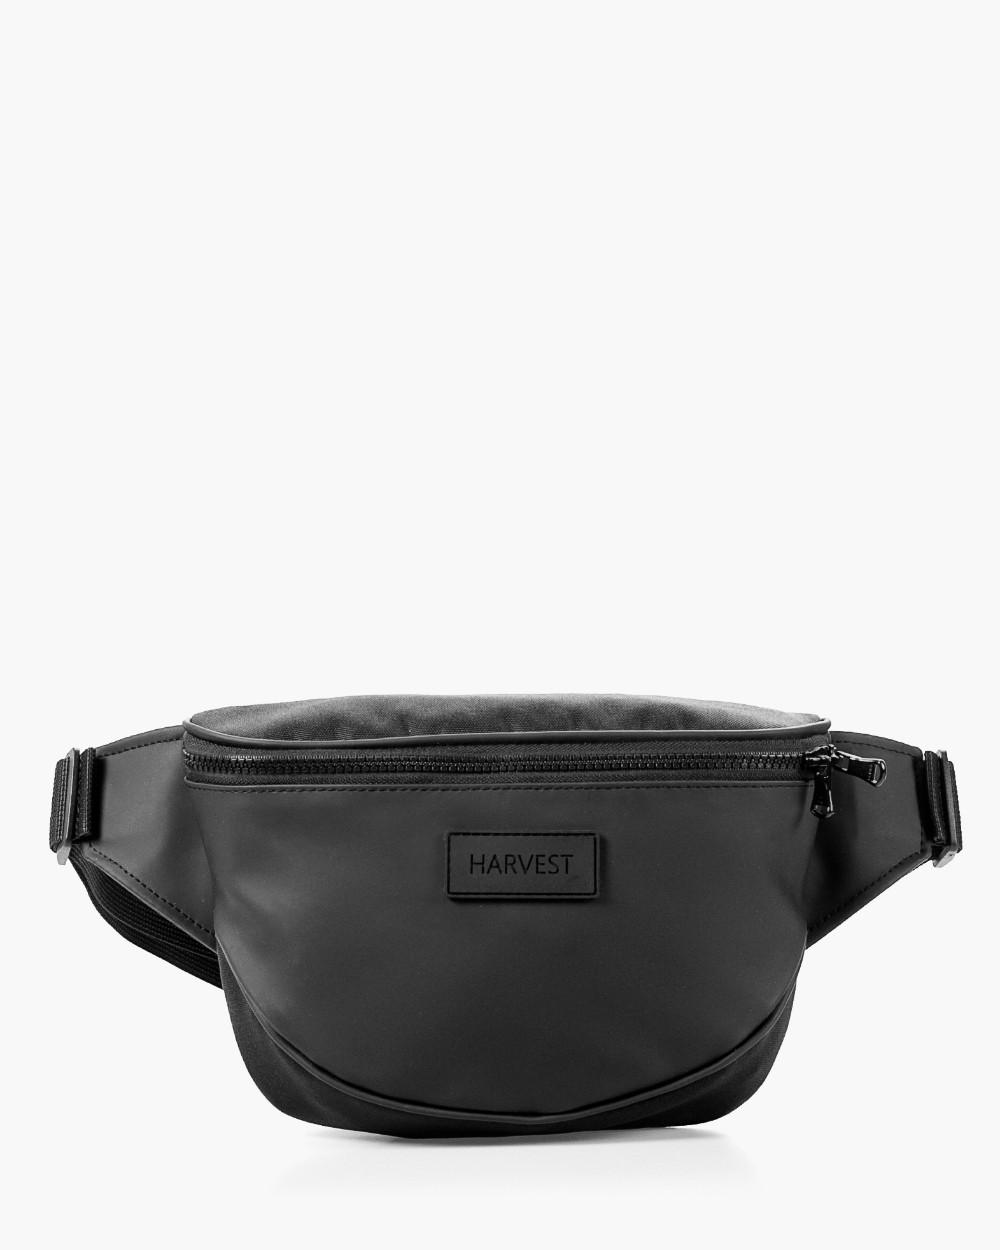 """Поясная сумка """"FLIGHT"""" черная, на 3л, бананка, унисекс, износостойкая, повседневная, спортивная, экокожа, Harv"""